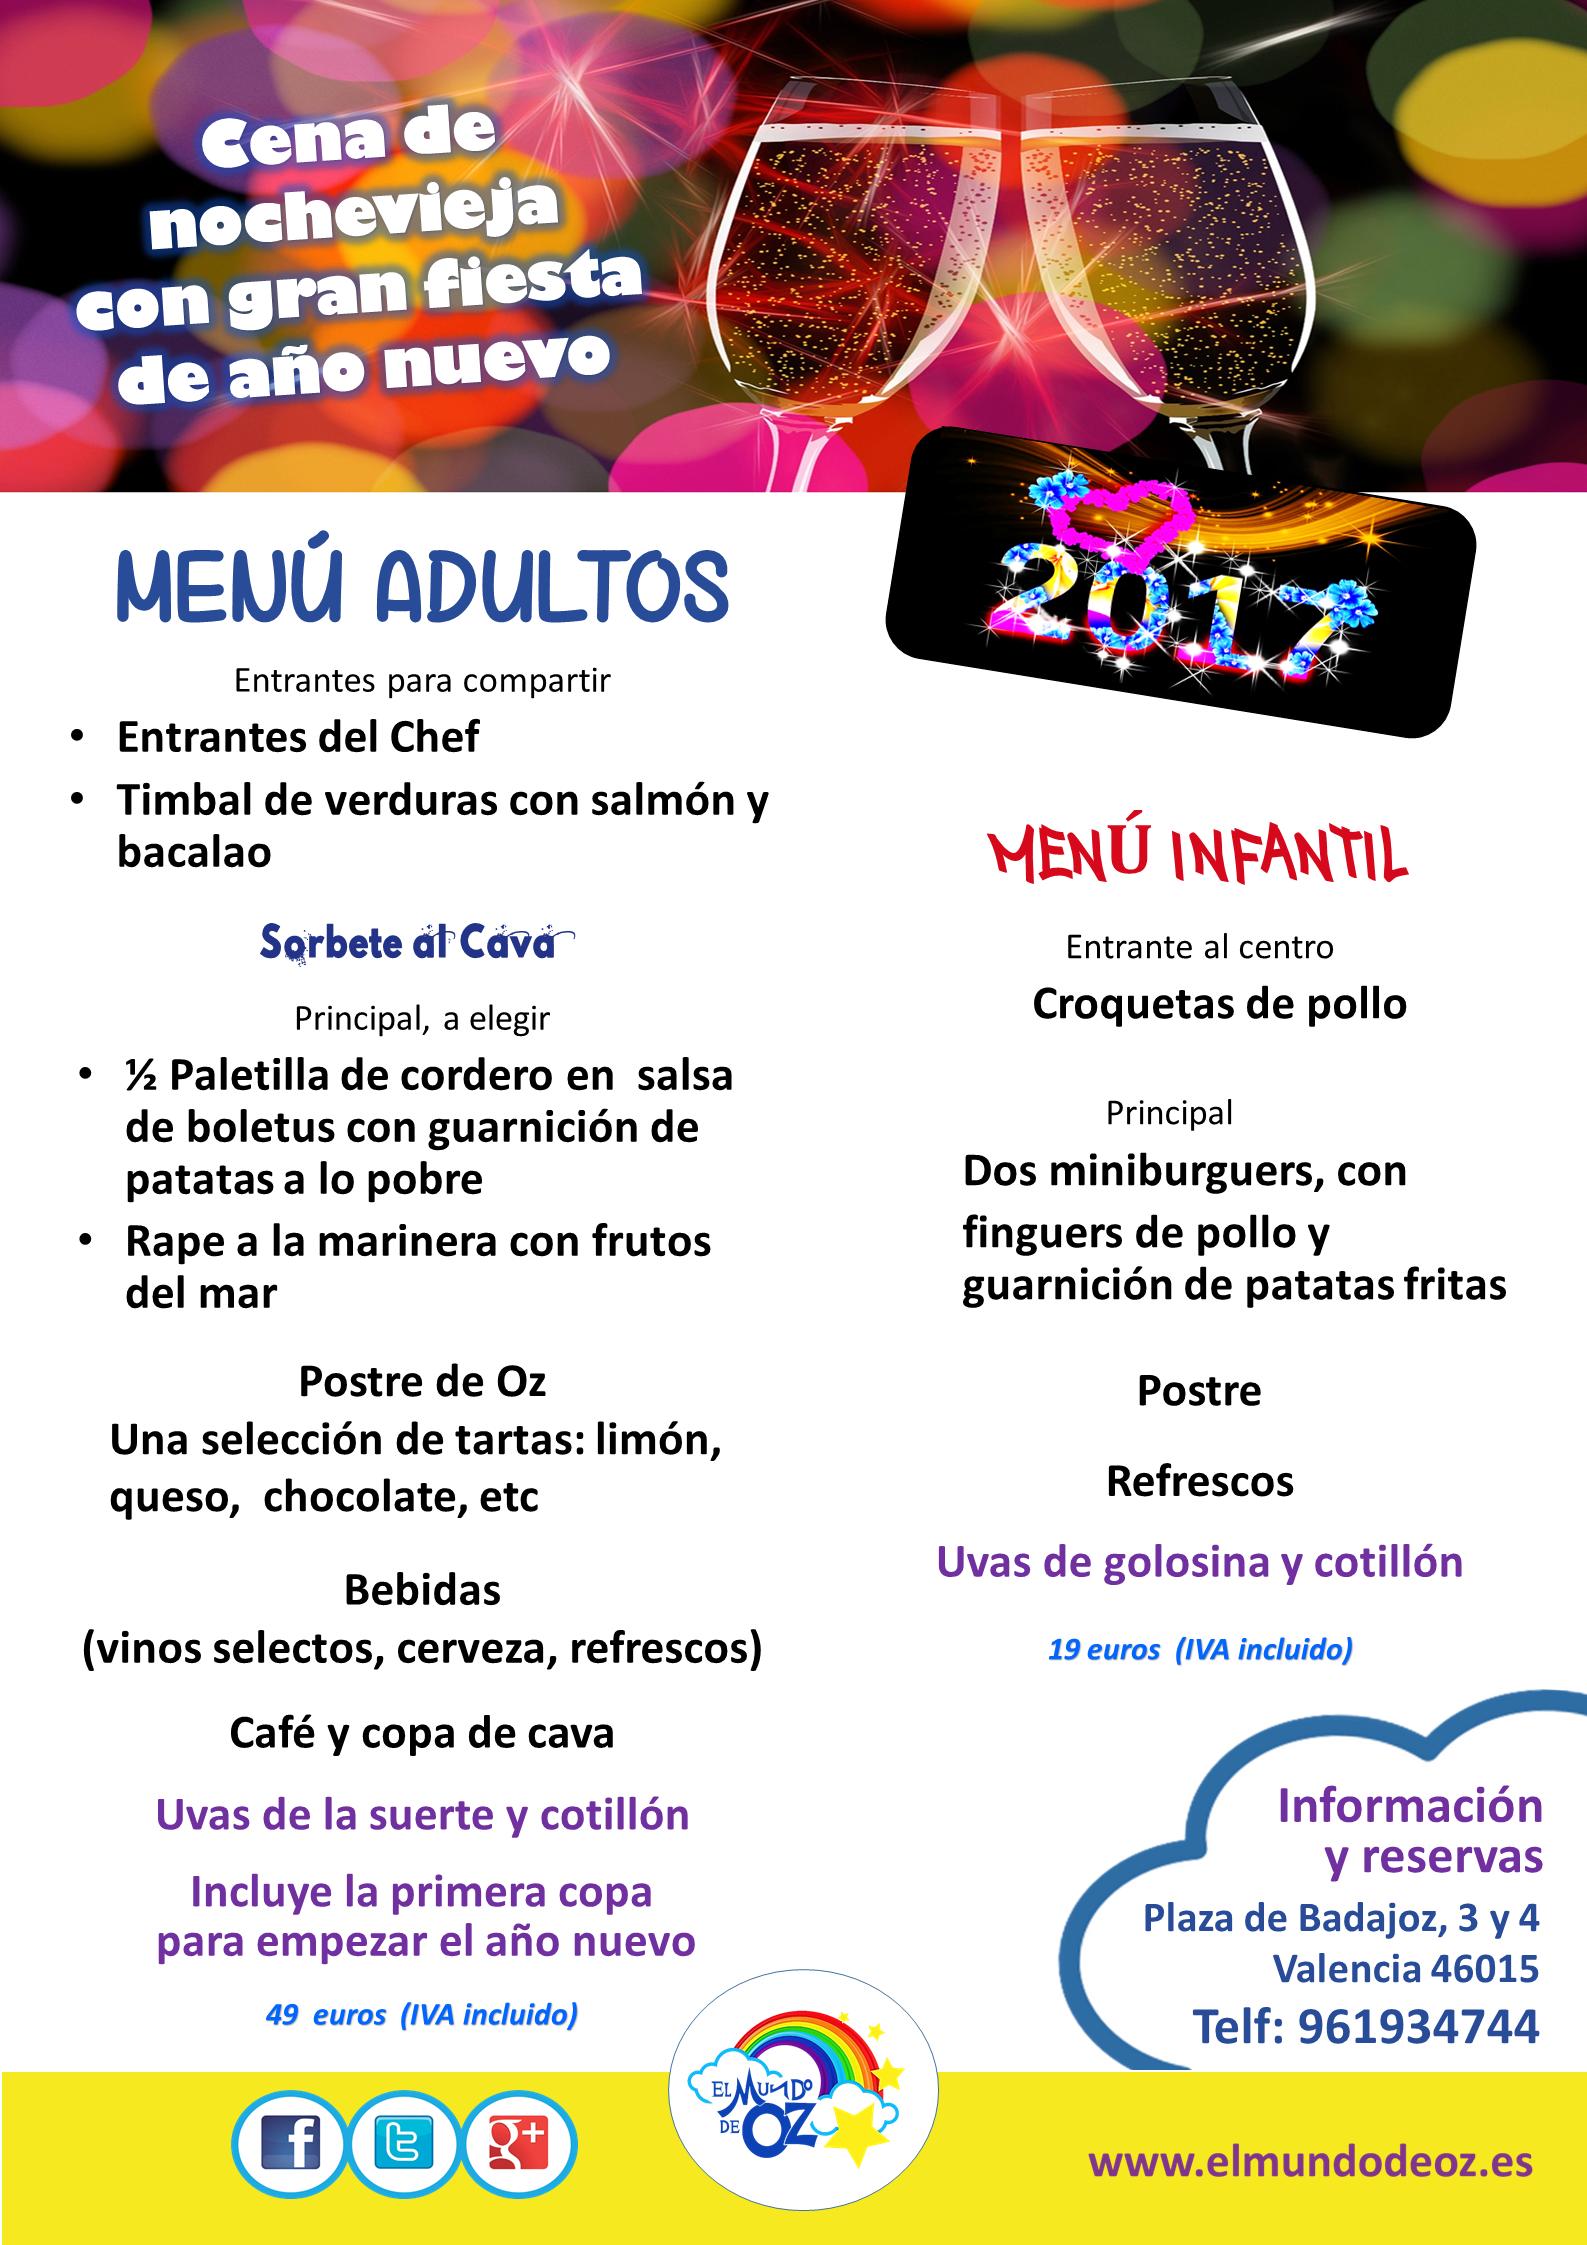 Ya está preparado el menú de la nochevieja en el parque infantil El Mundo de OZ. Incluye una estupenda fiesta familiar para despedir al año 2016 y acoger al nuevo 2017.